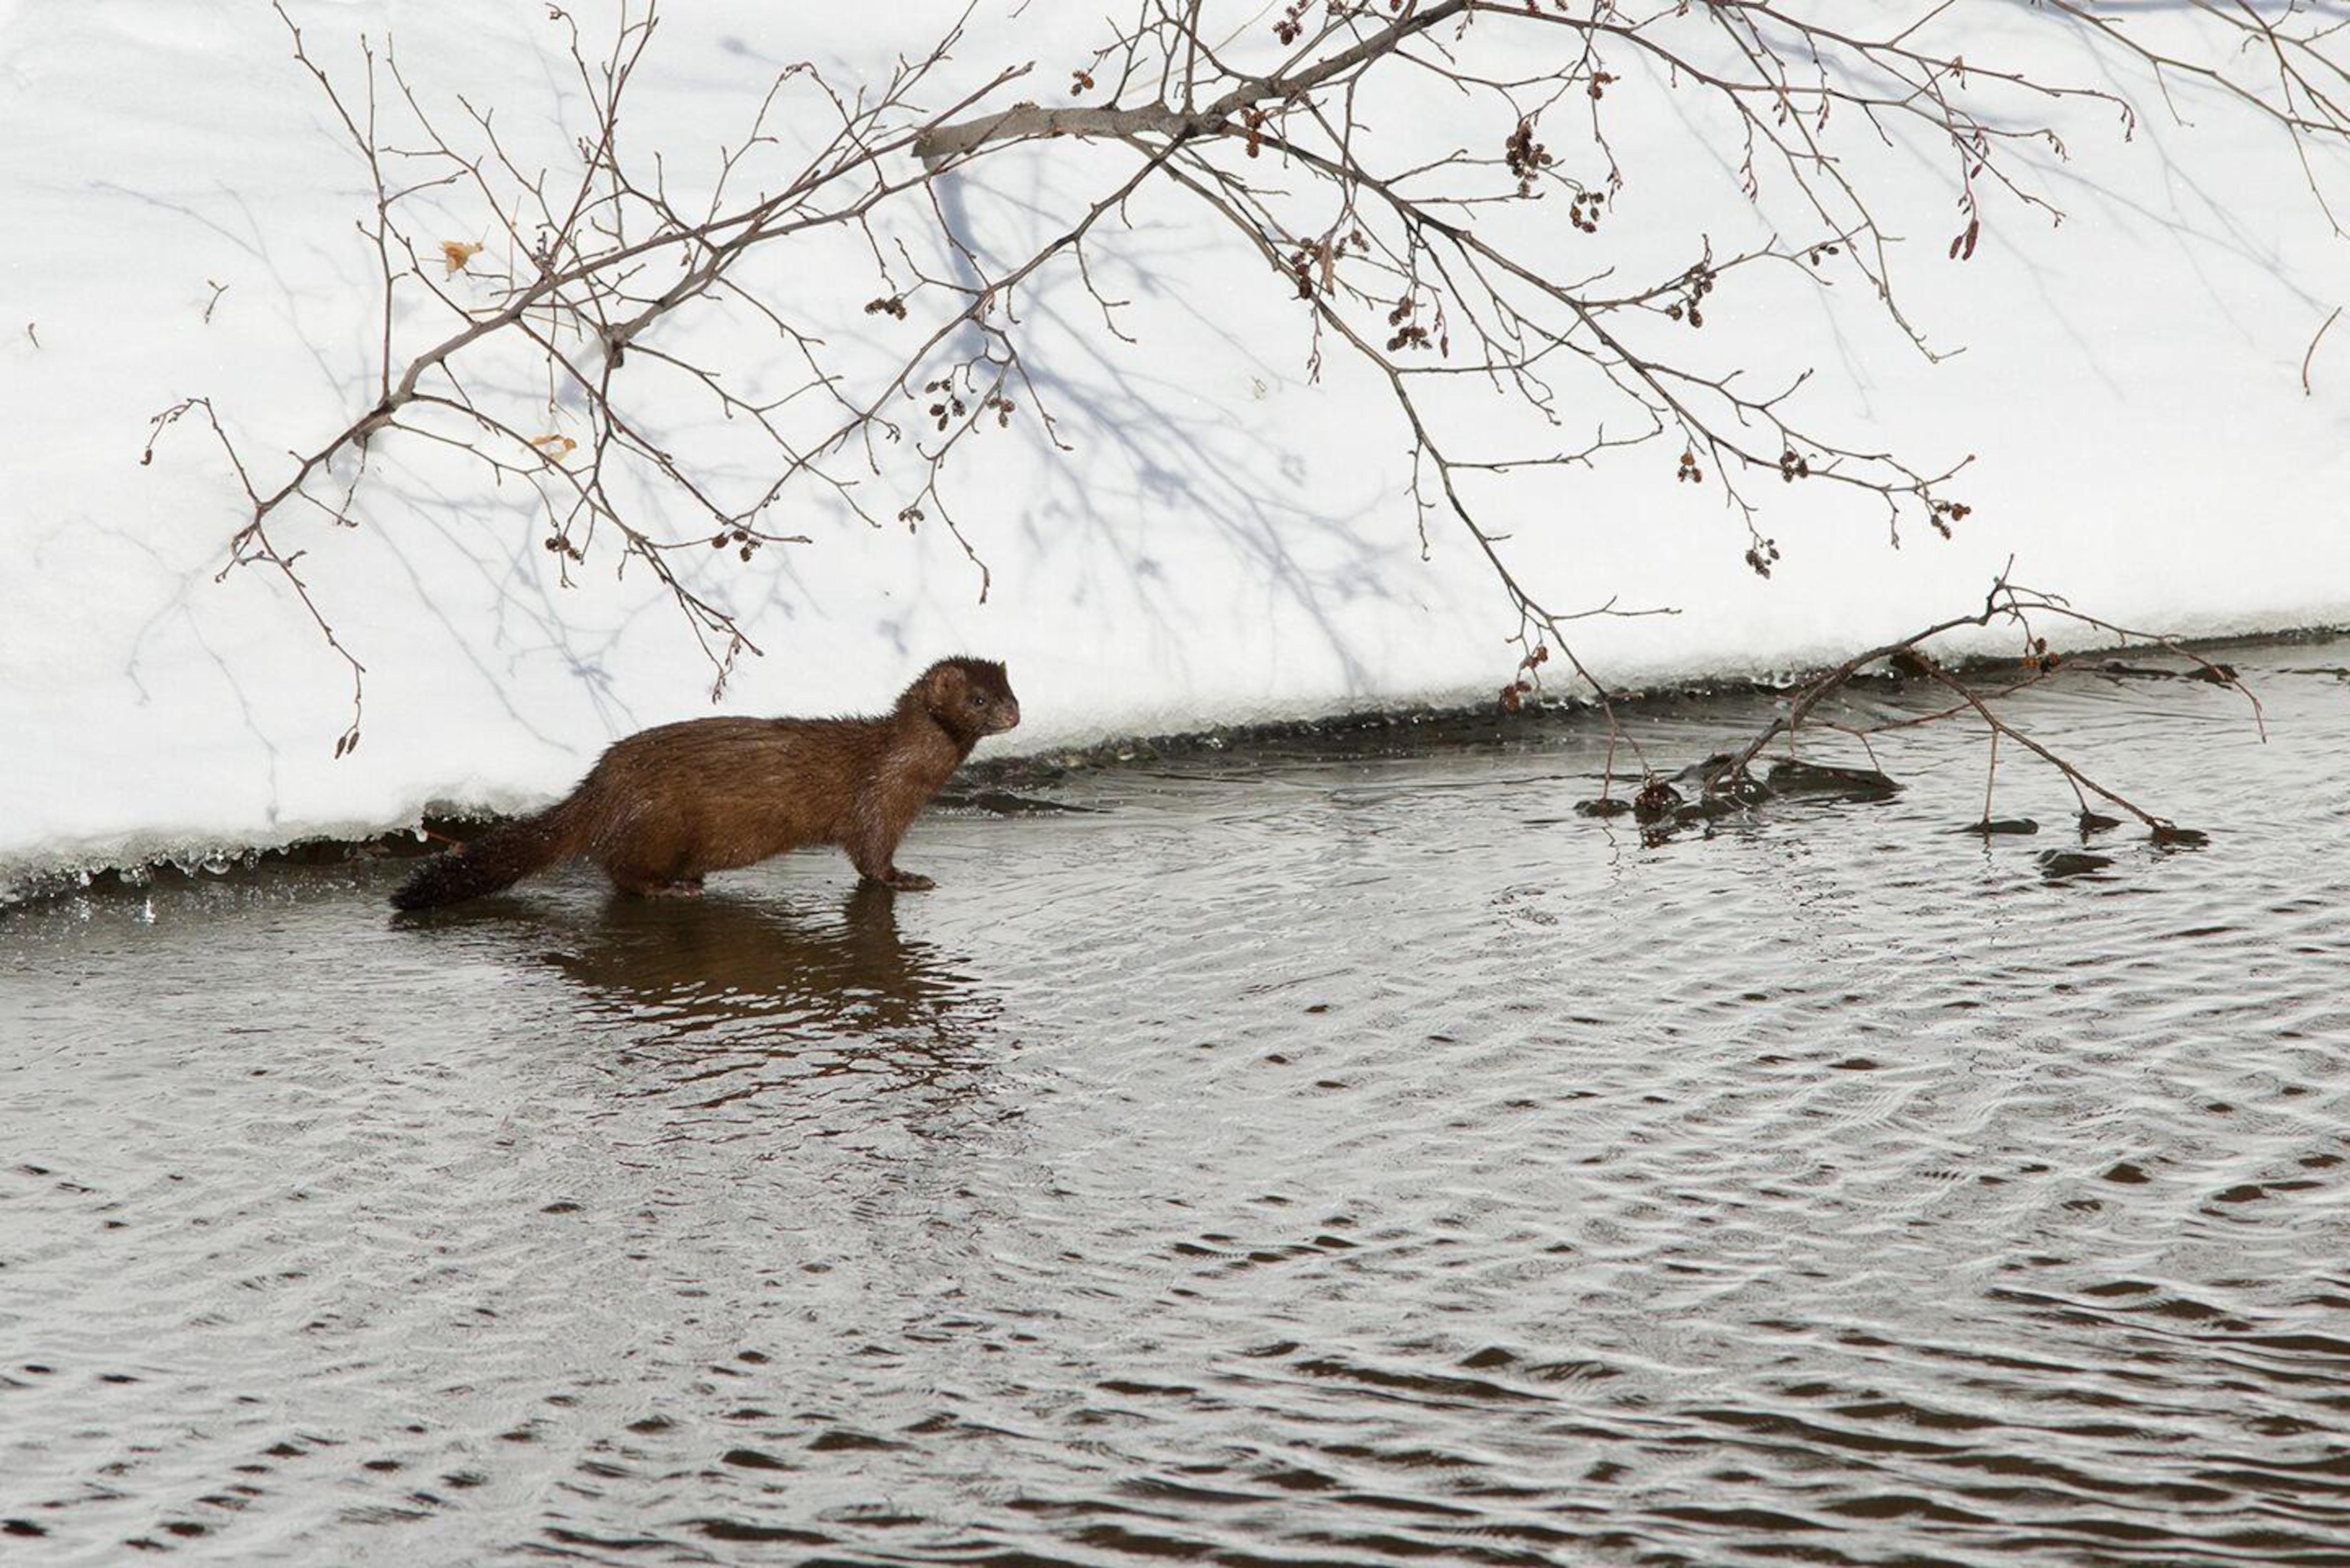 Le vison d'Amérique aux abords d'un lac partiellement gelé.